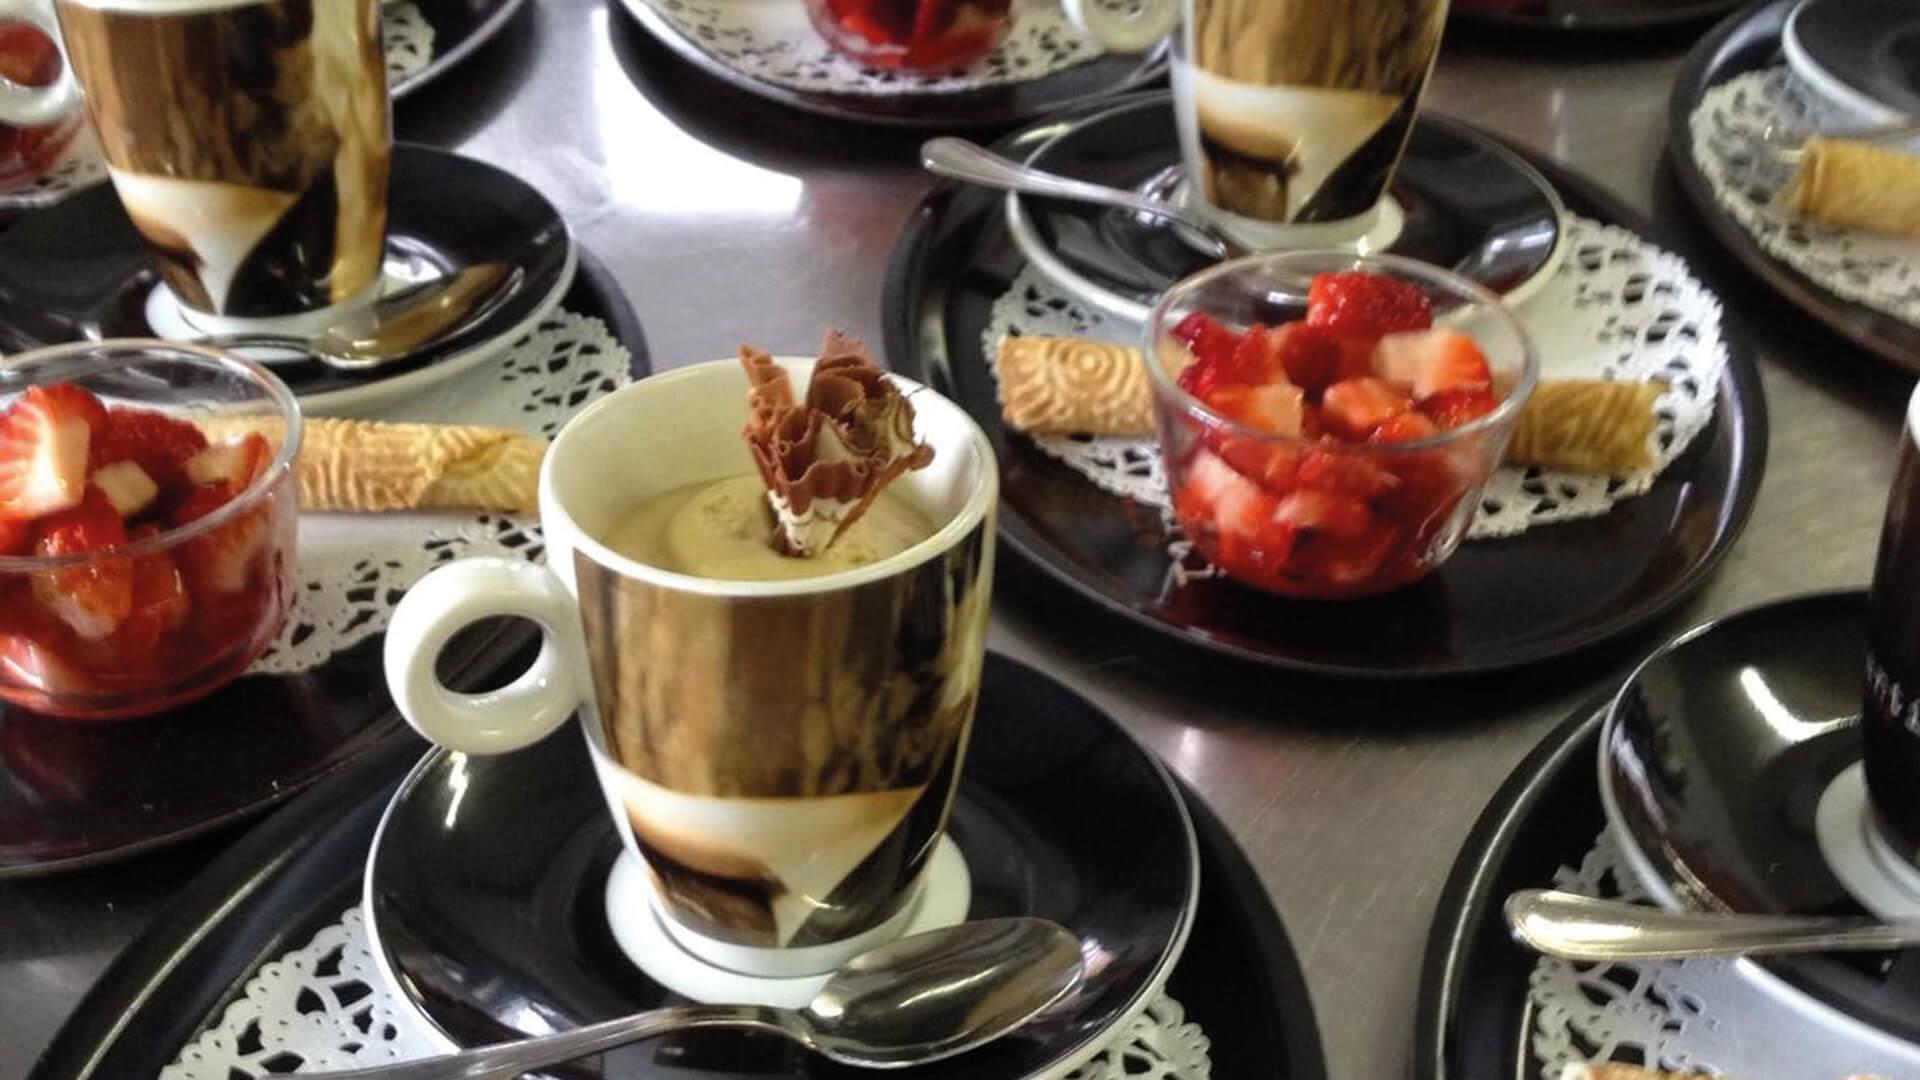 gasthof_hirschen_oey_dessert_erdbeere